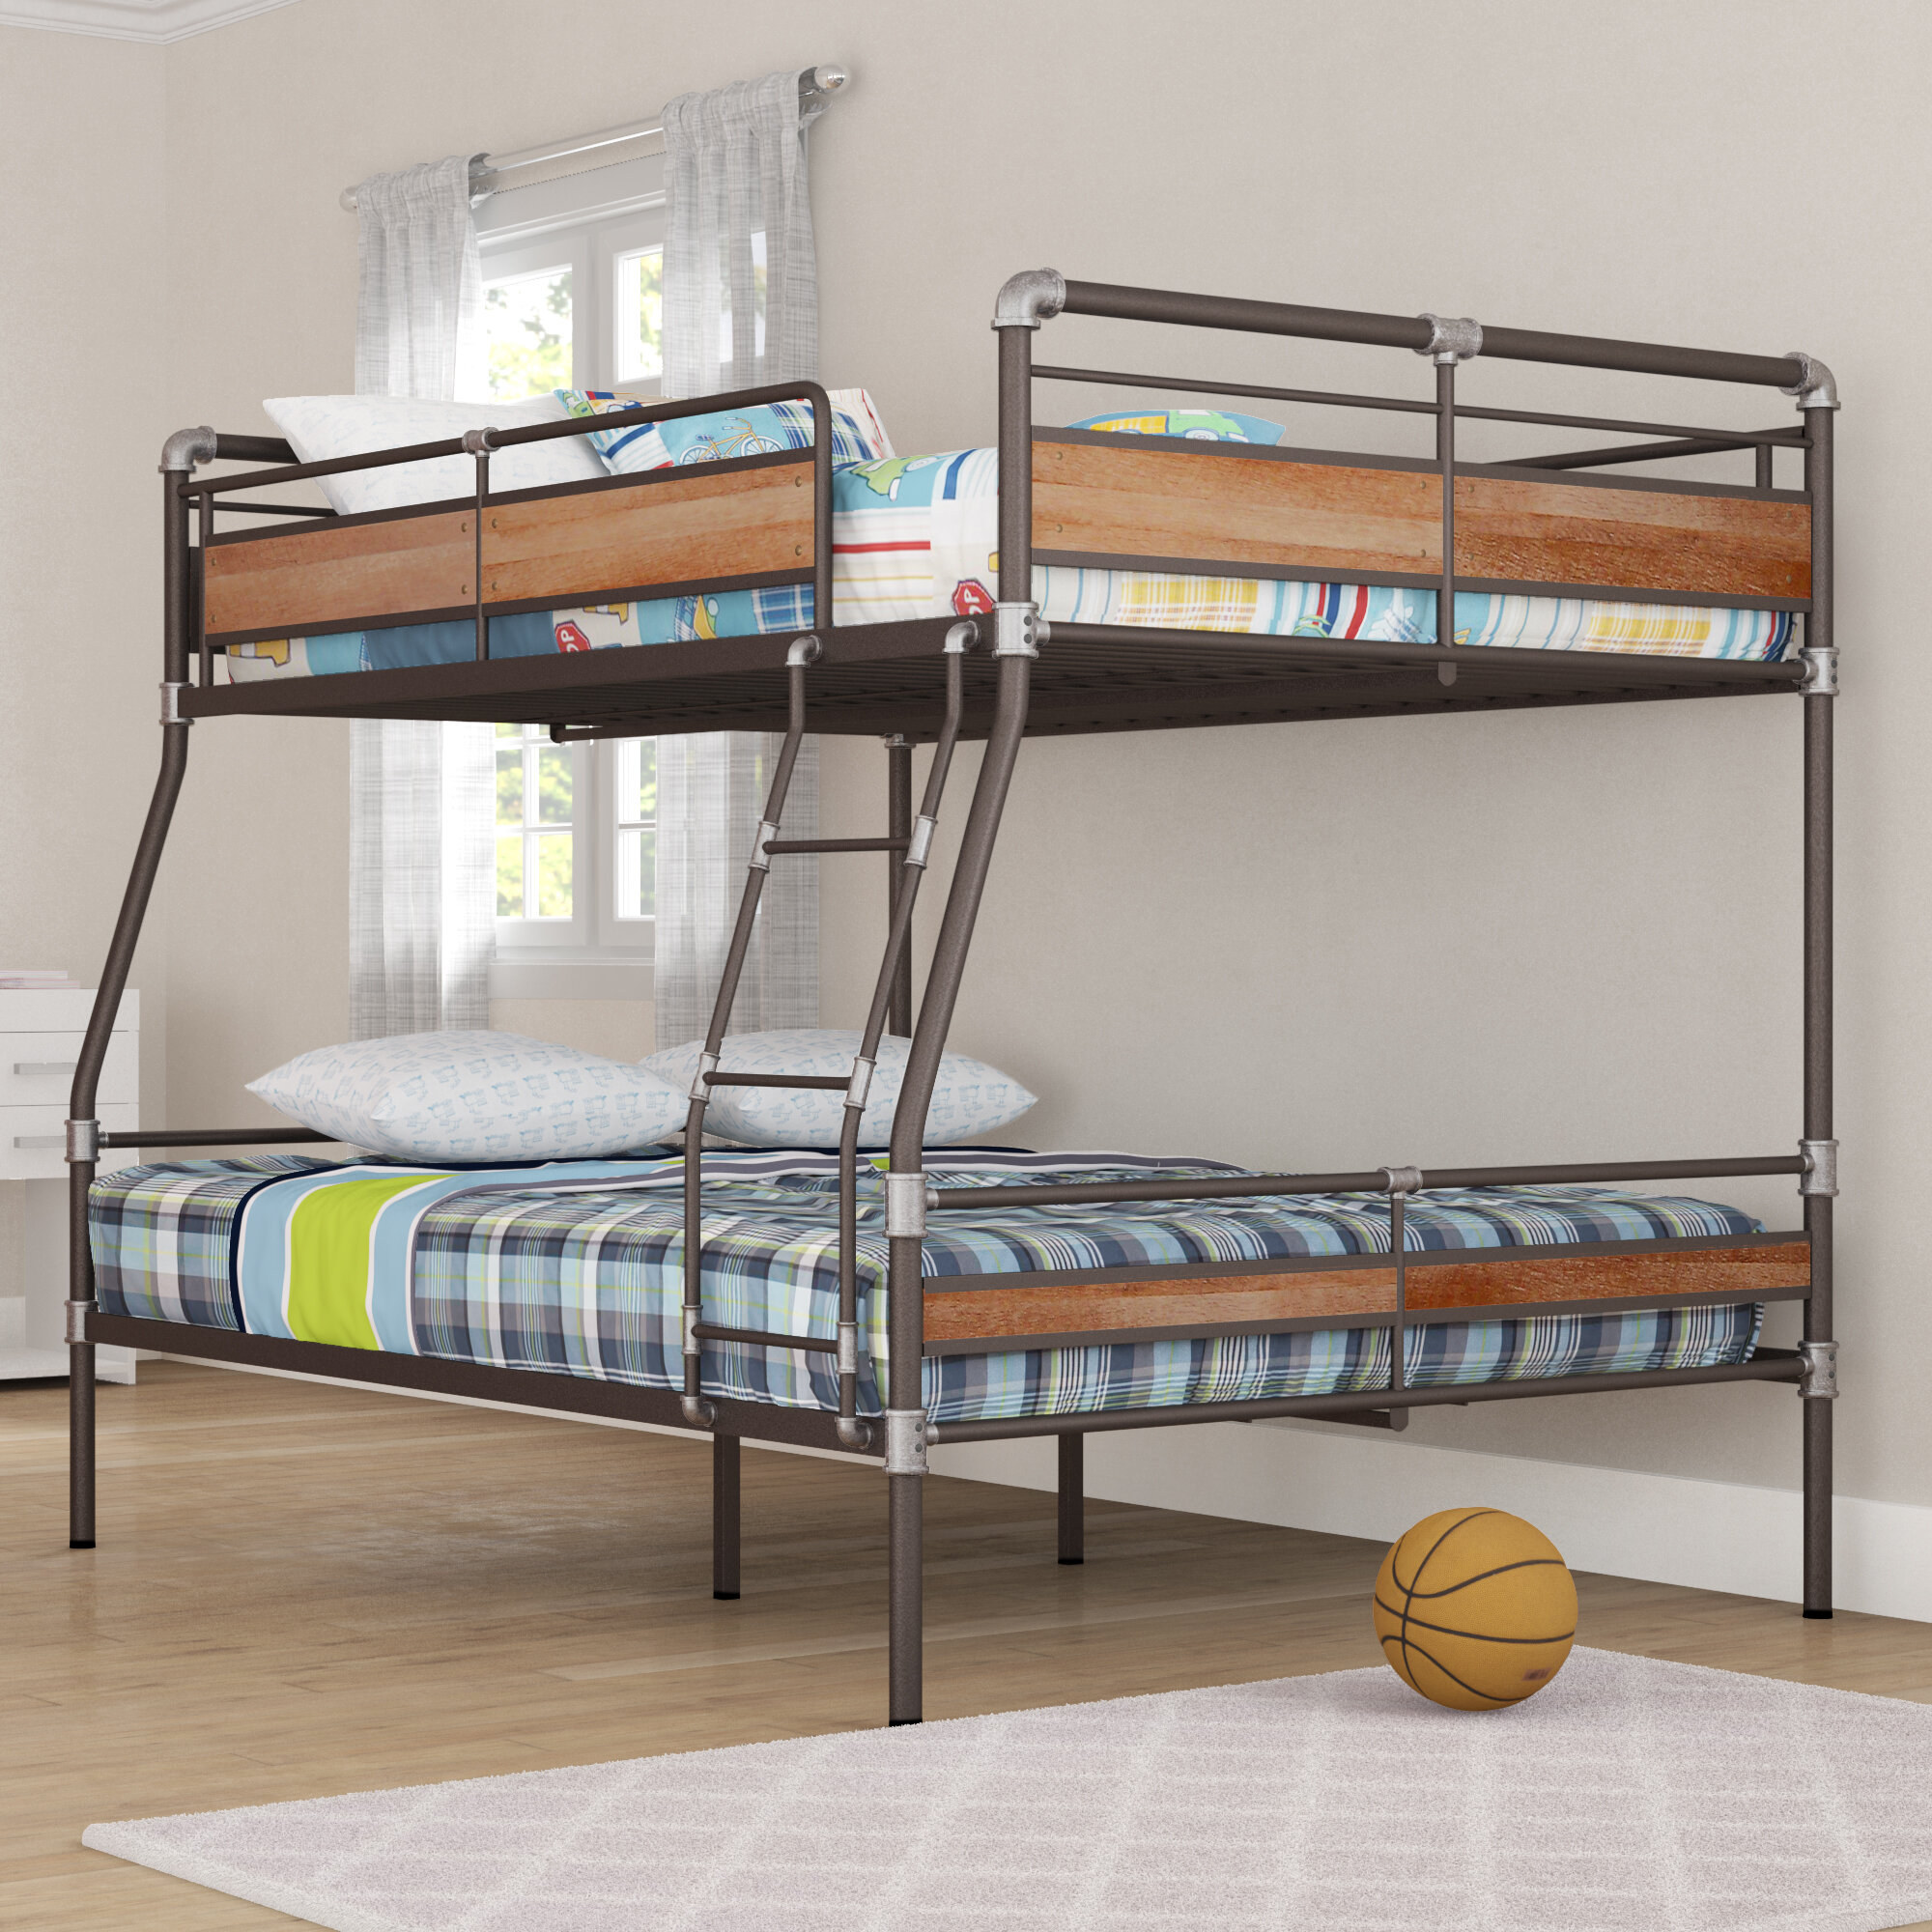 Picture of: Harriet Bee Eloy Full Over Queen Bunk Bed Reviews